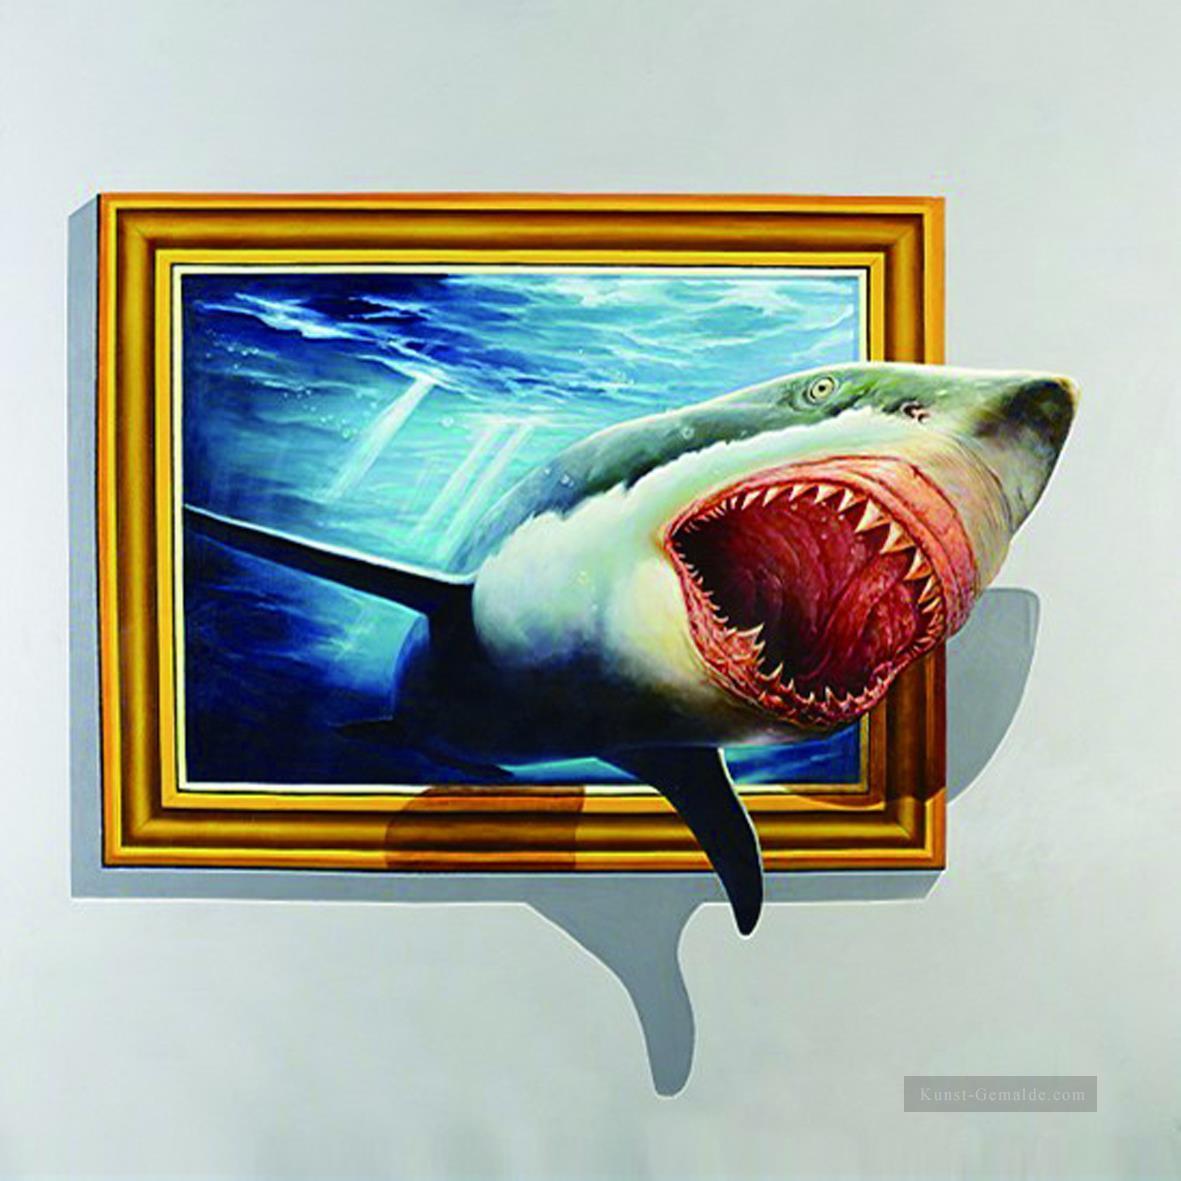 Hai aus dem Rahmen 3D Gemälde mit öl zu verkaufen